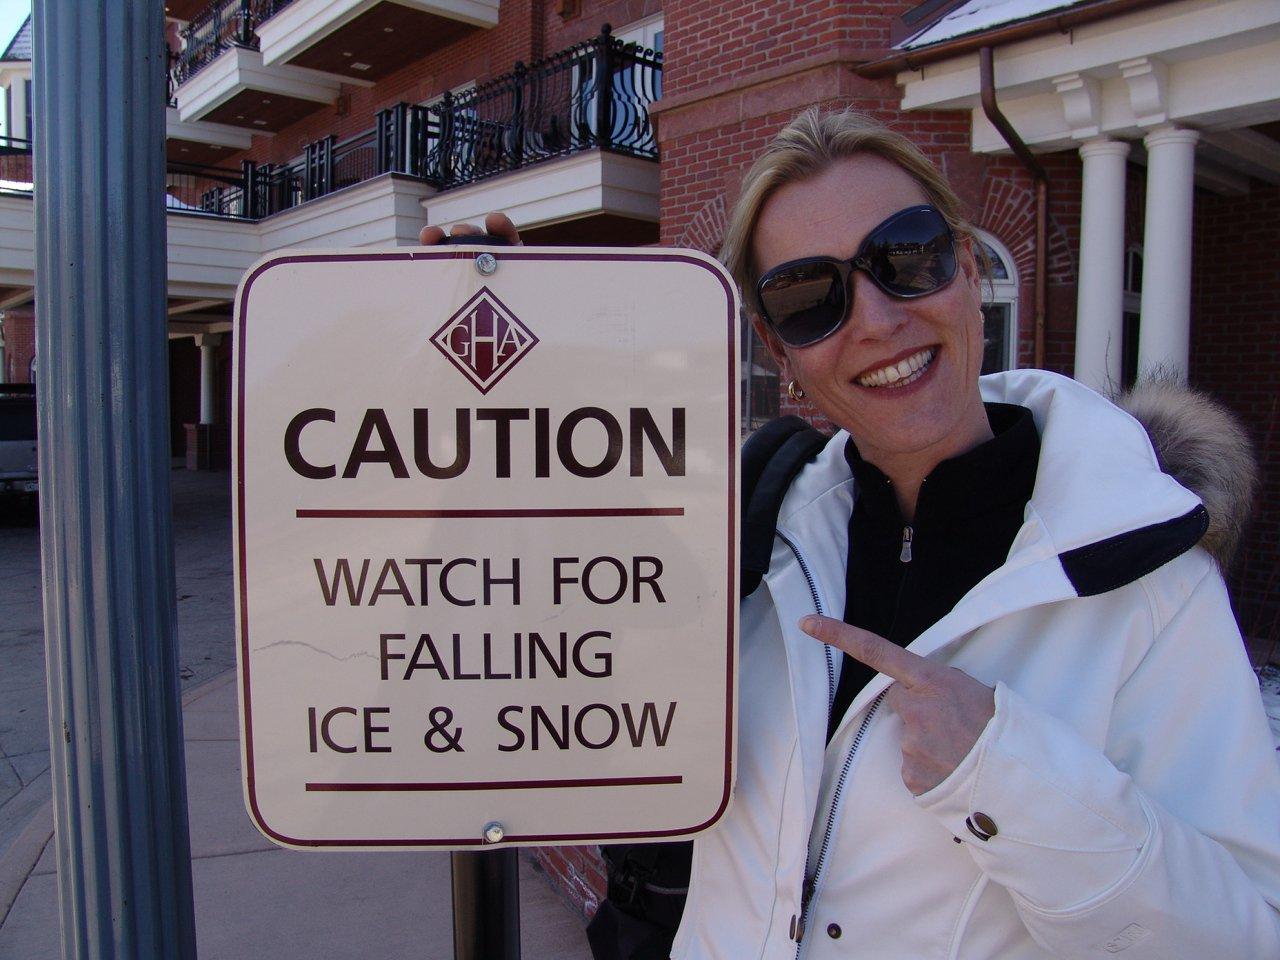 De echte poedersneeuw vind je Aspen in de staat Colorado. Je skiet hier met een skipas op maar liefst 4 bergen